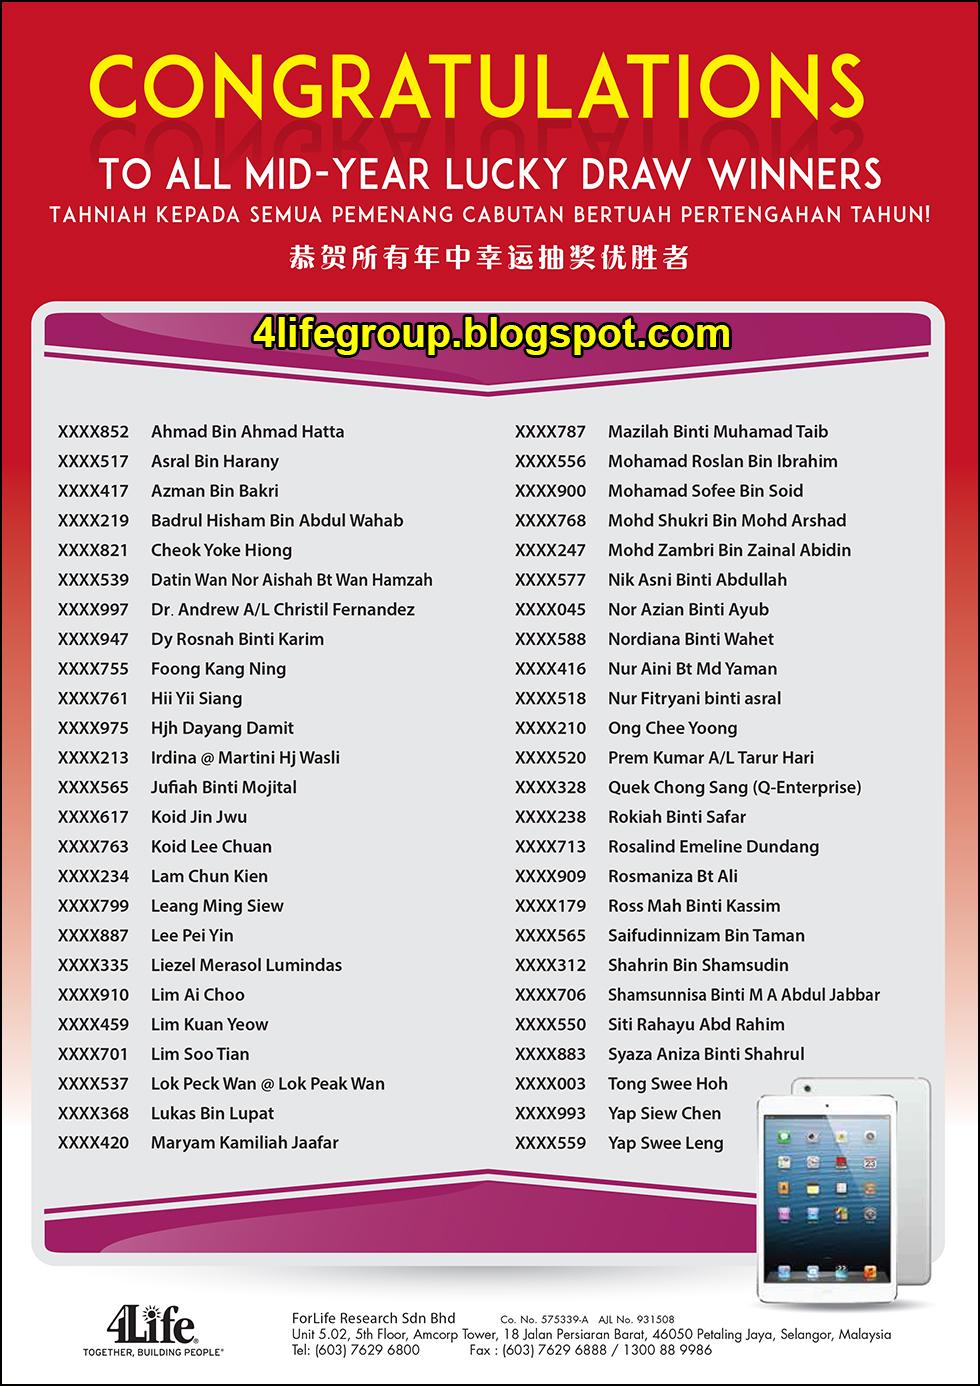 foto Senarai Pemenang Cabutan Bertuah Pertengahan Tahun 2016 4Life Malaysia